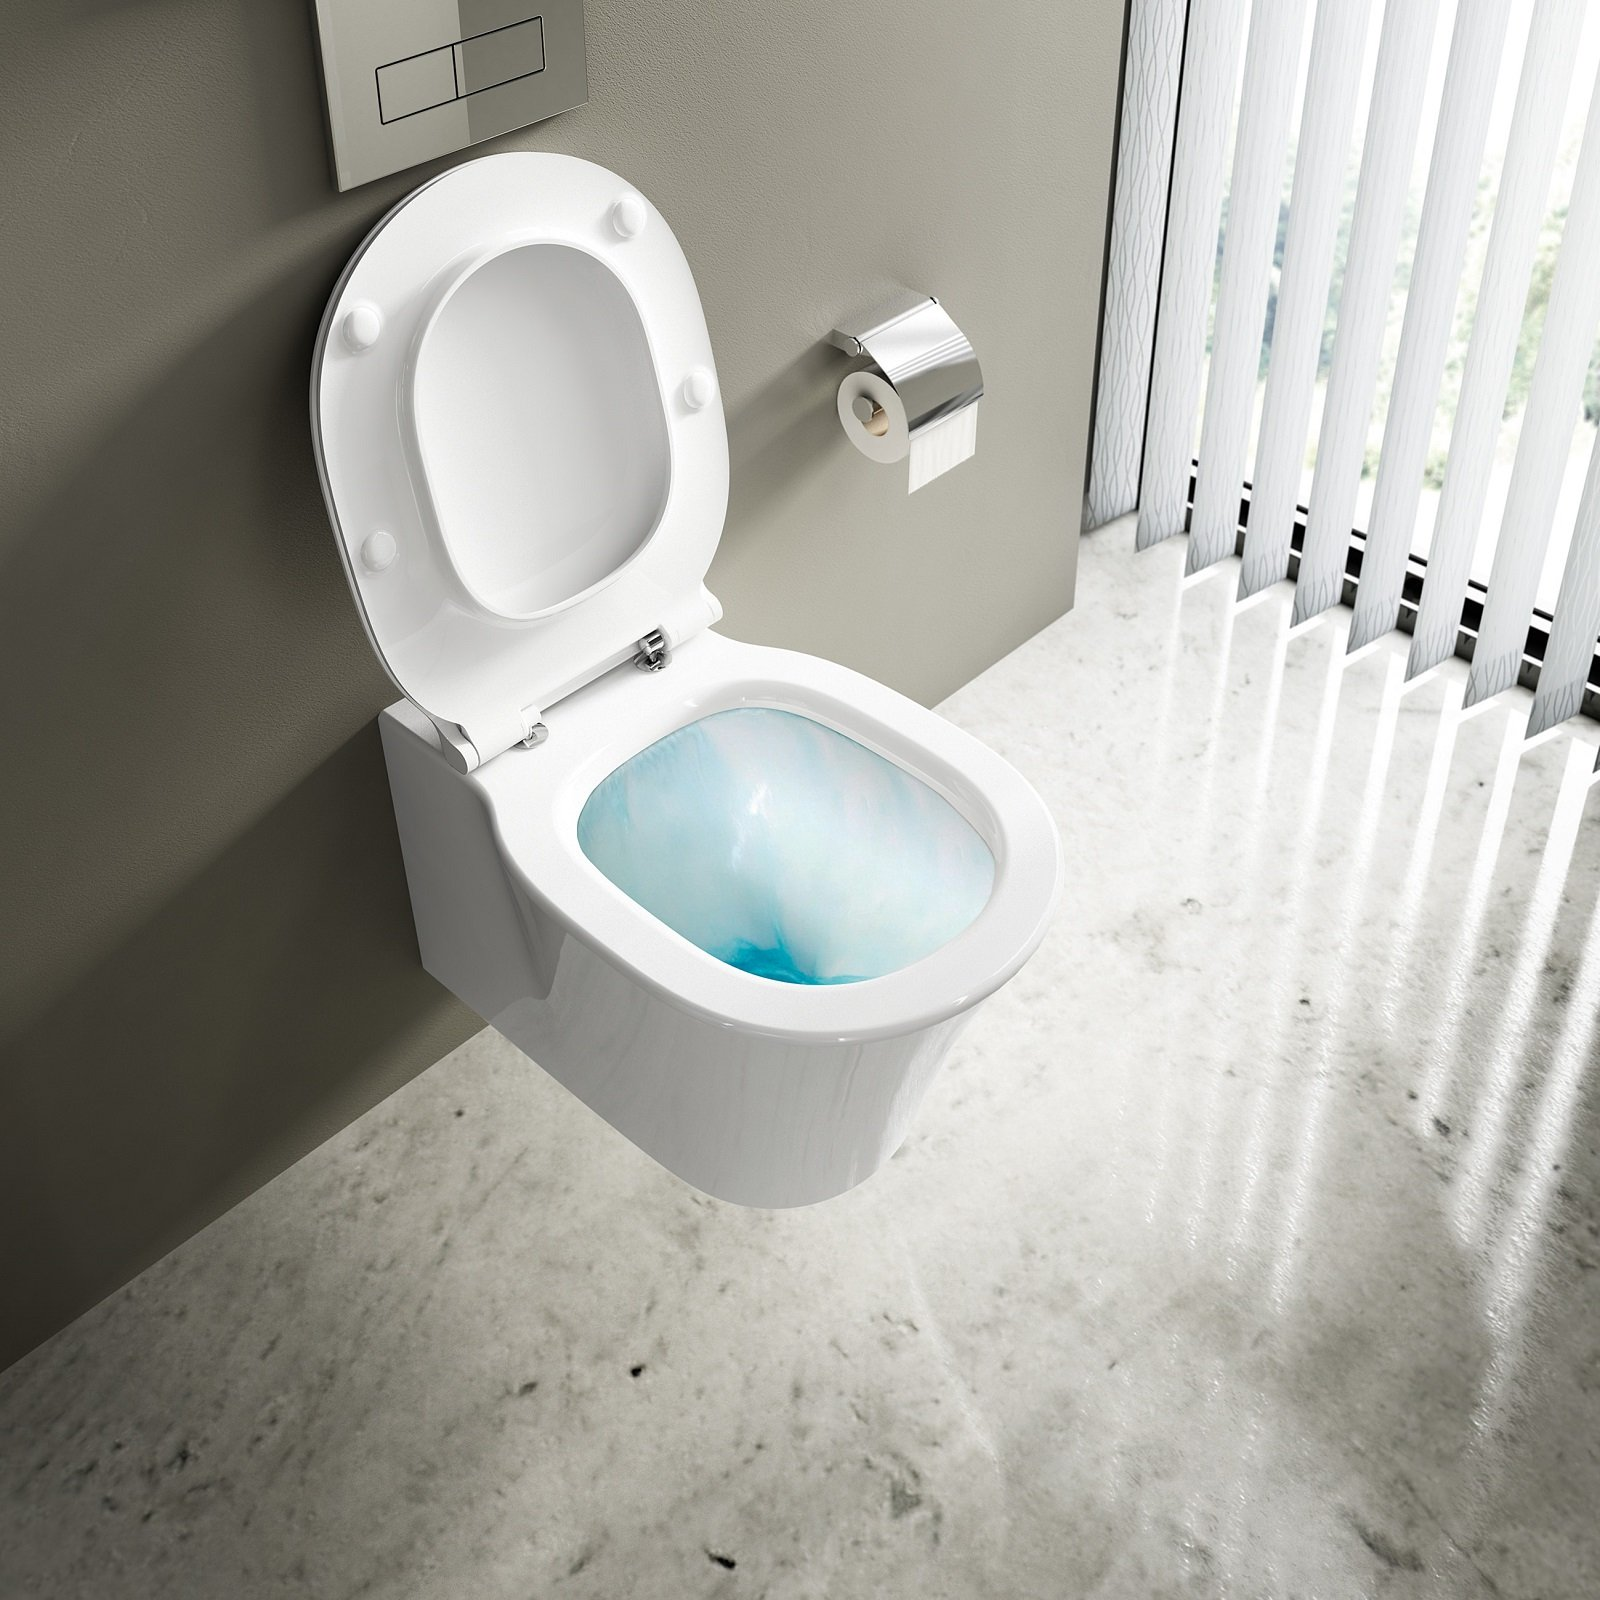 Water senza brida pulizia pi facile cose di casa for Comideal standard connect baignoire